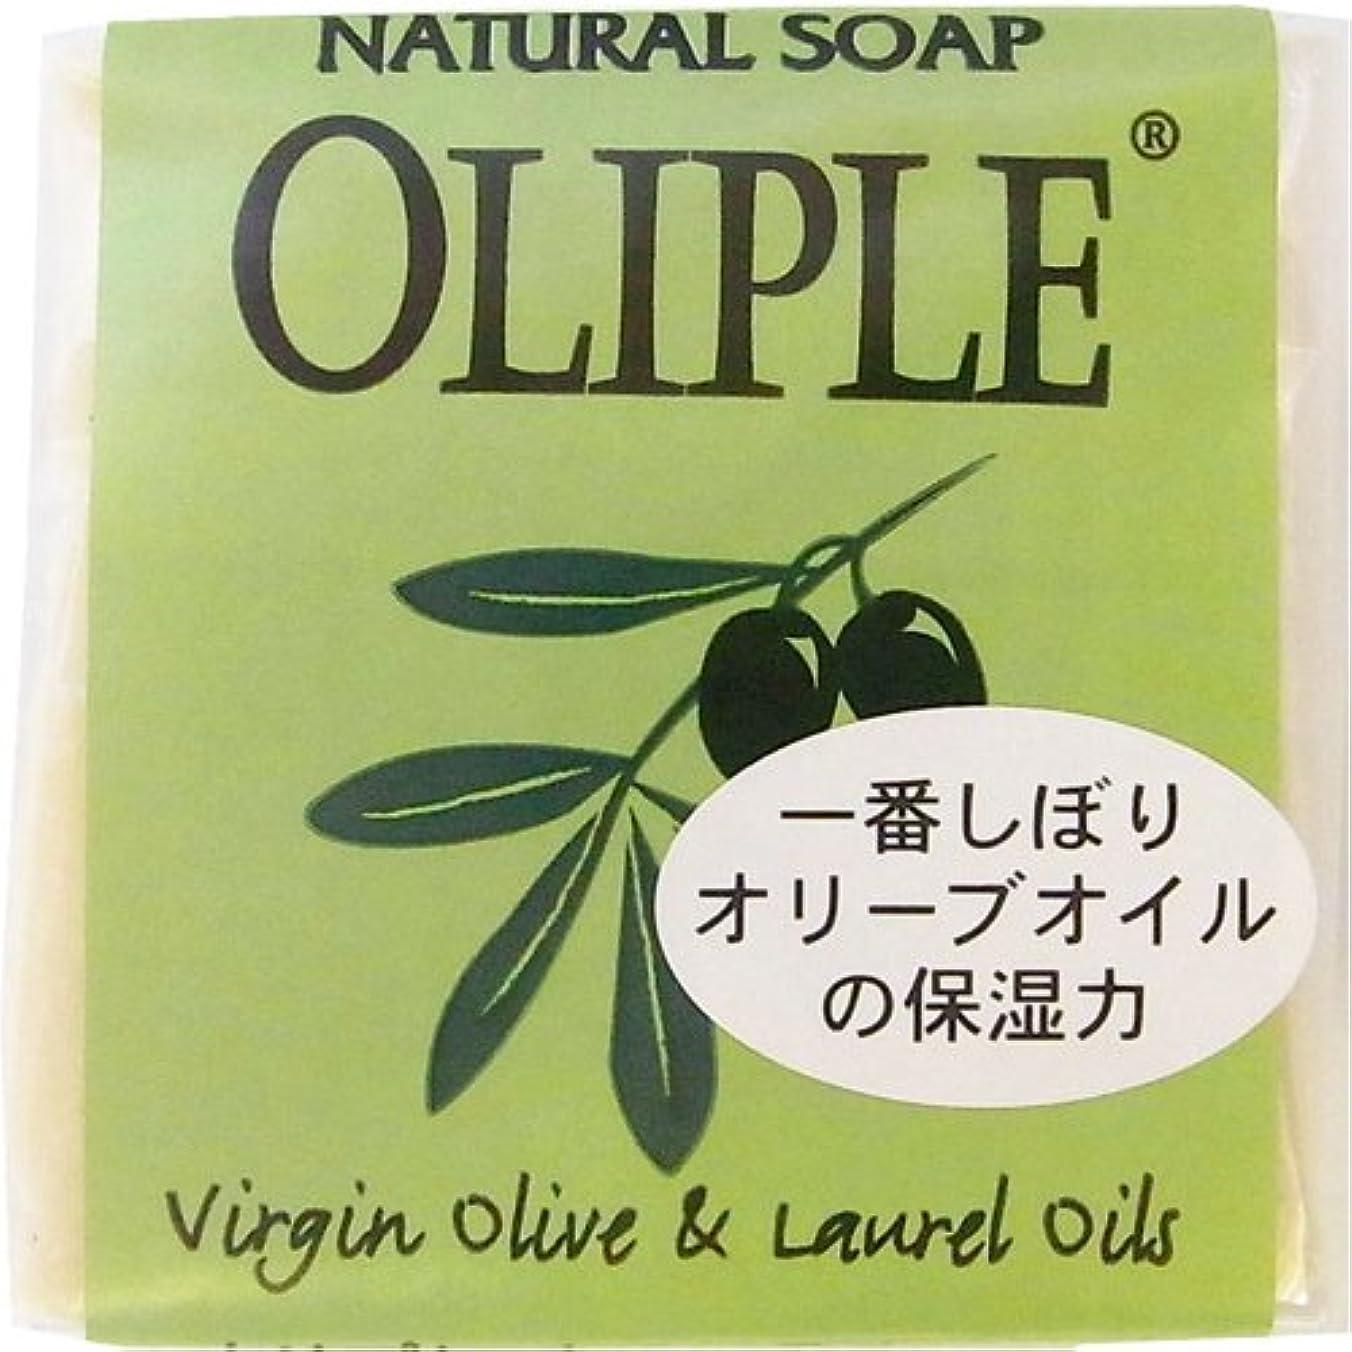 可能にする本質的に標準オリプレナチュラルソープ バージンオリーブ&月桂樹オイル ミニ 50g